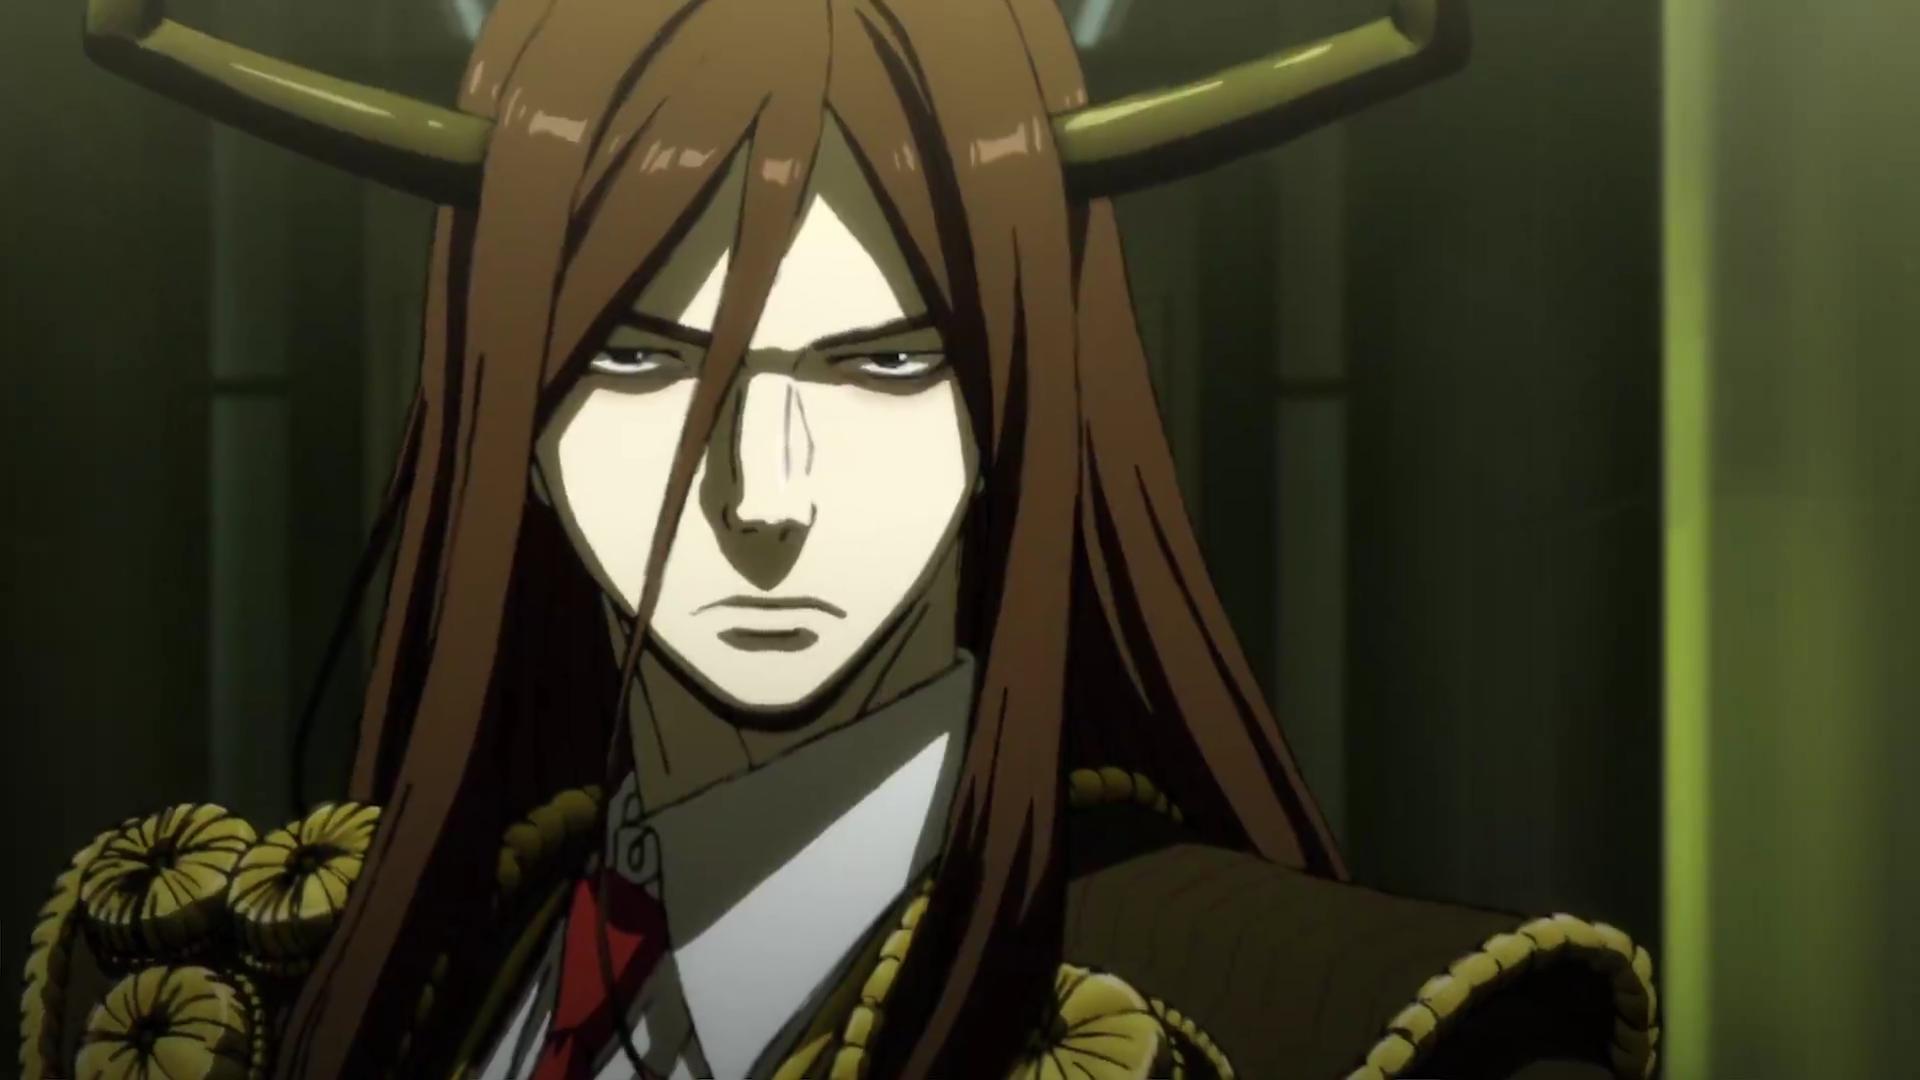 juuni taisen anime boi.jpg